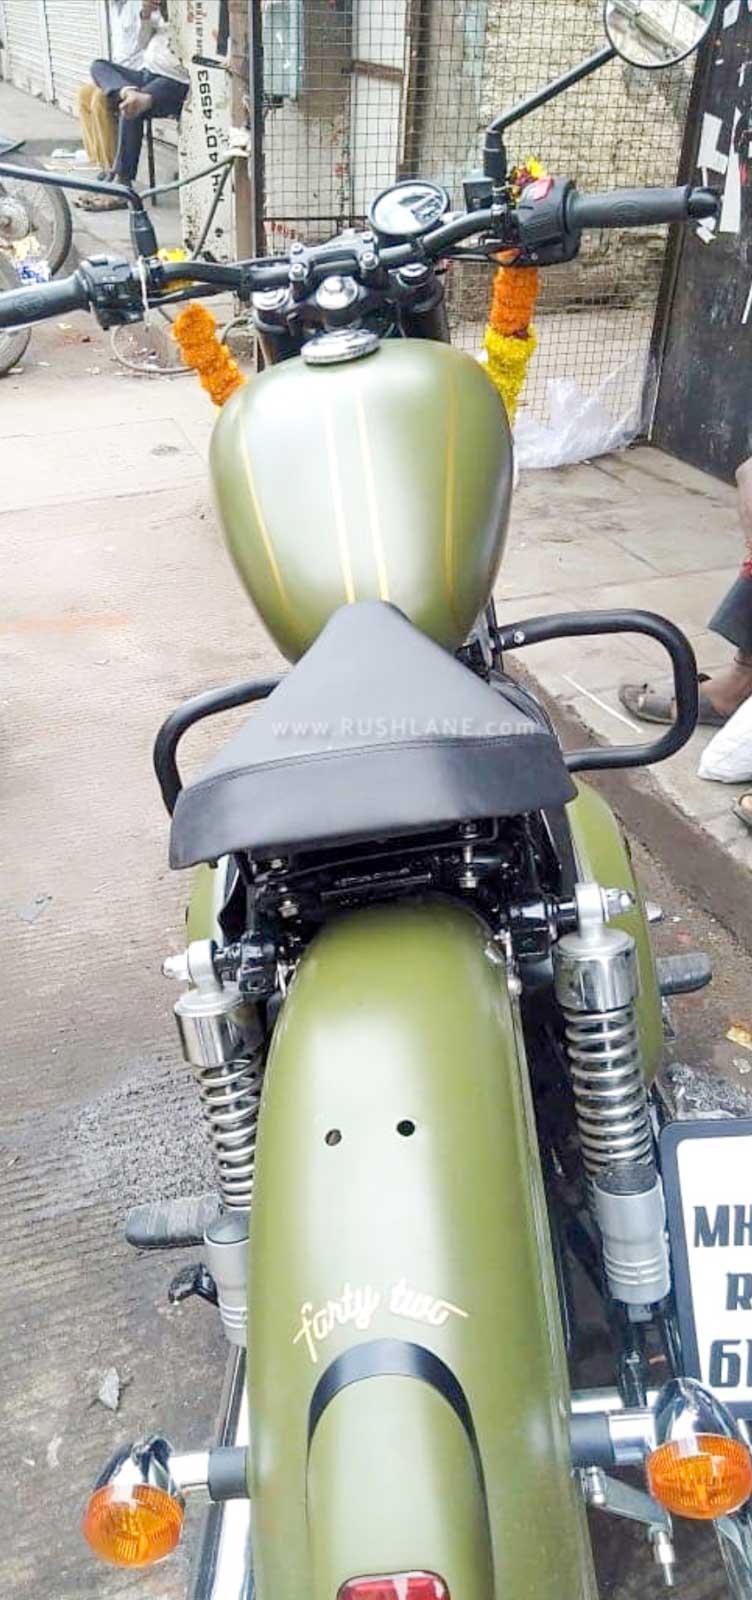 Jawa 42 single seat modified